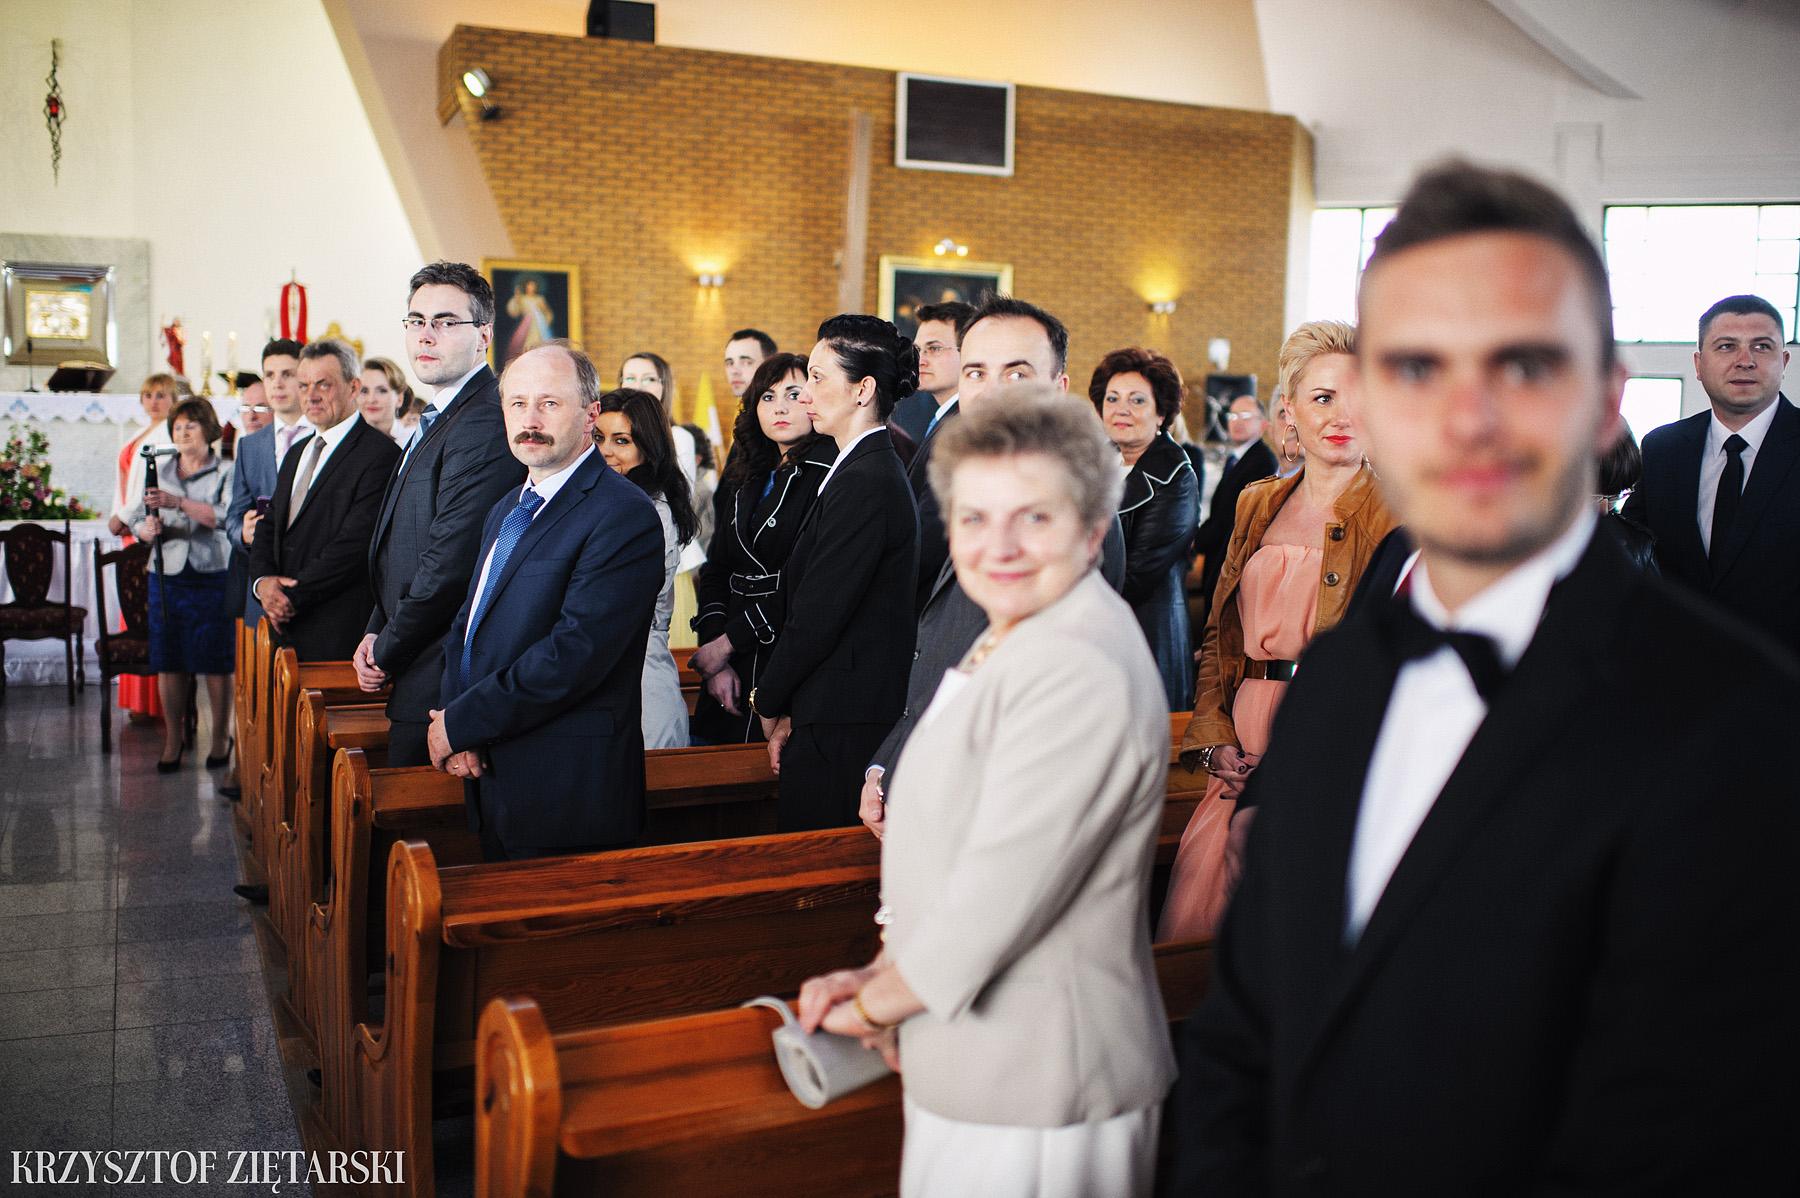 Kasia i Karol - Fotografia ślubna Gdańsk, Cedrowy Dworek - 11.